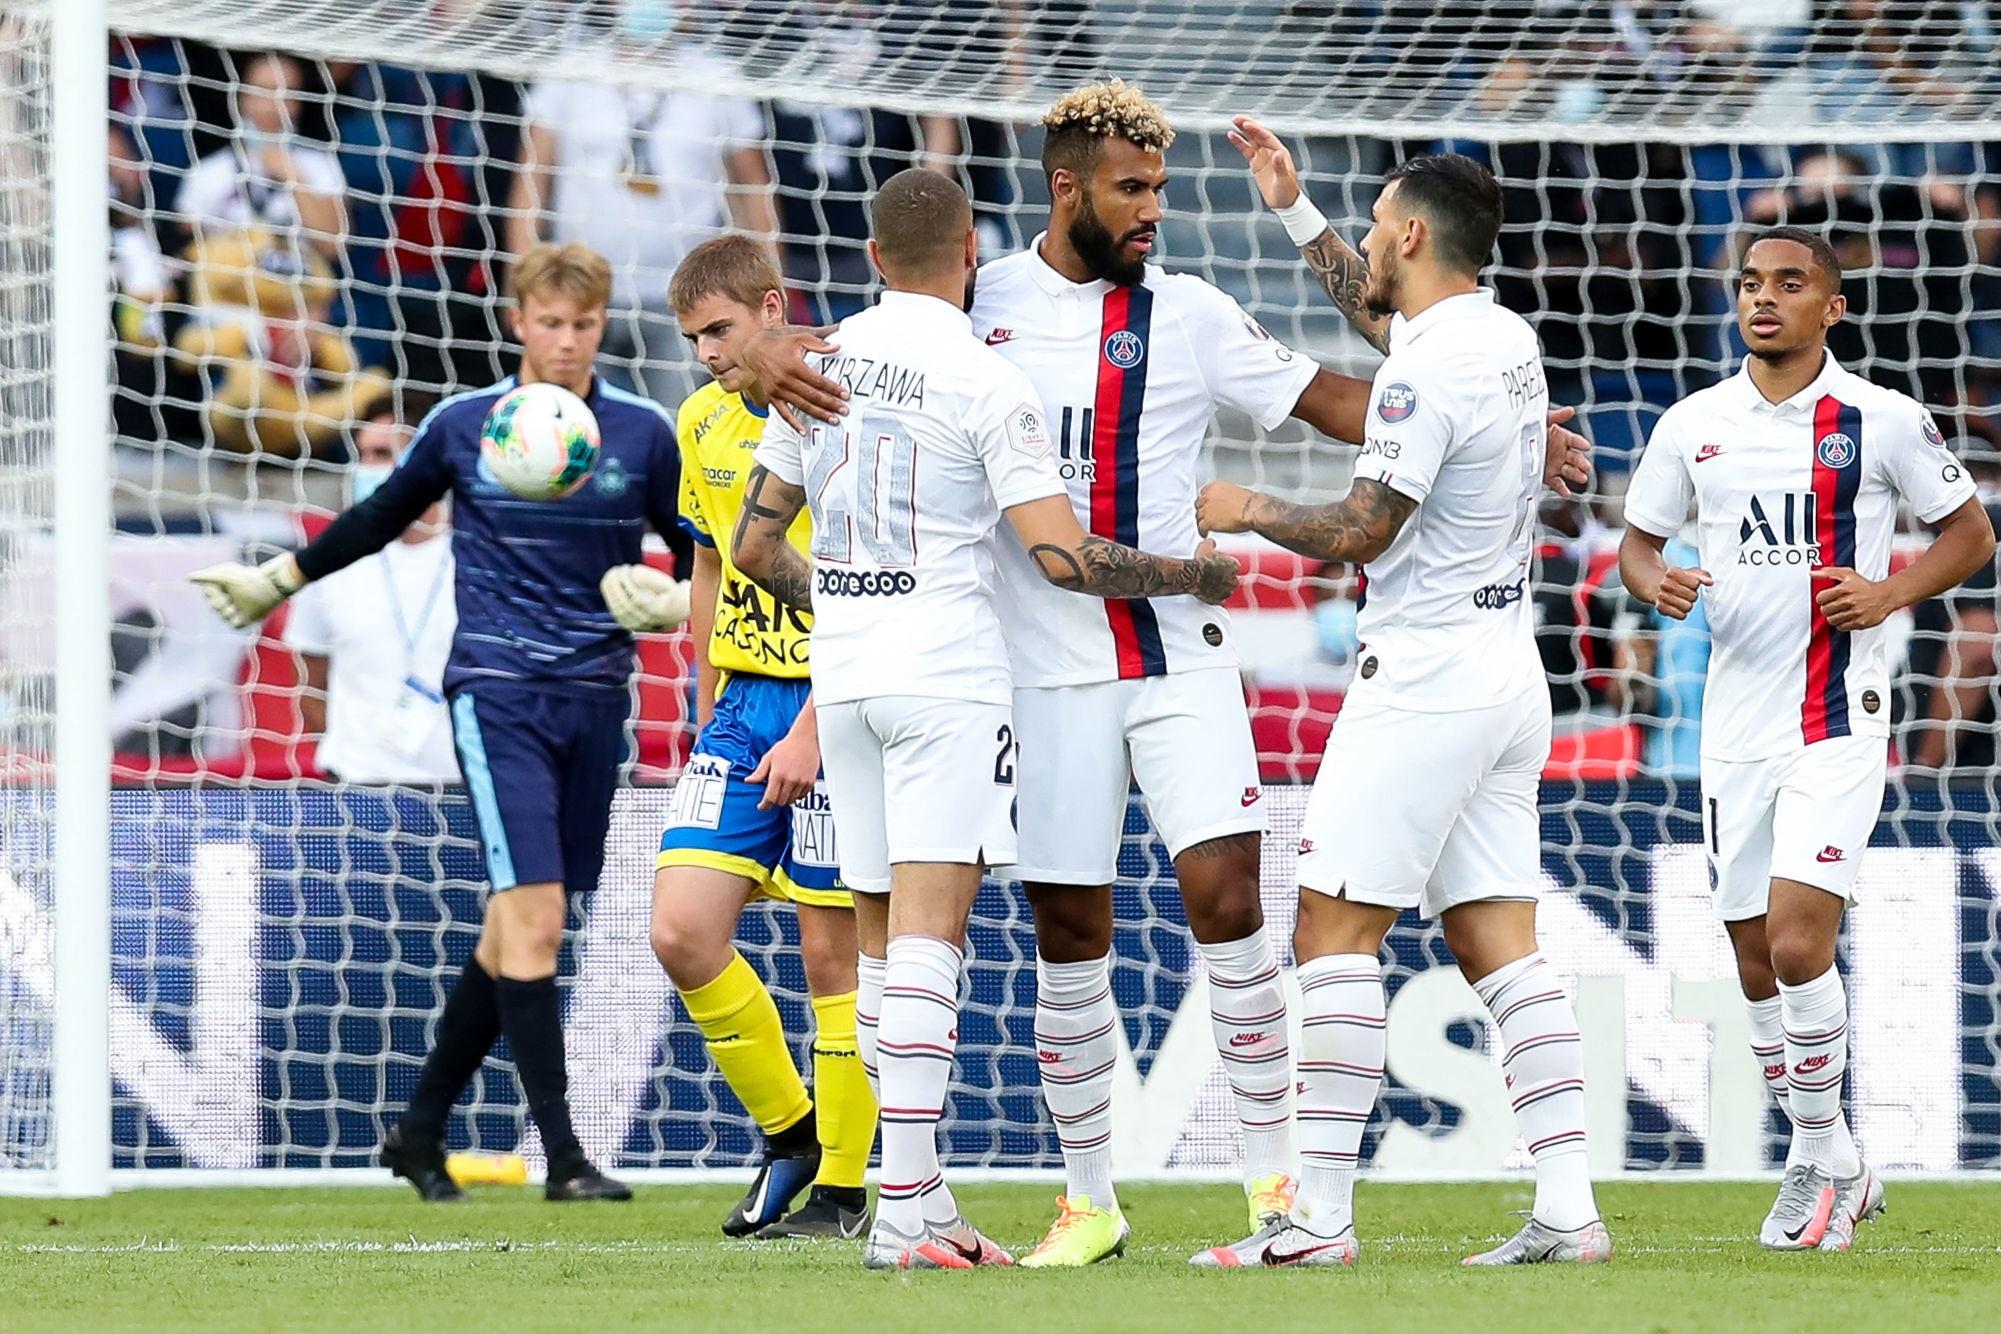 Résumé PSG/Waasland-Beveren (7-0) : La vidéo des buts et temps forts du match